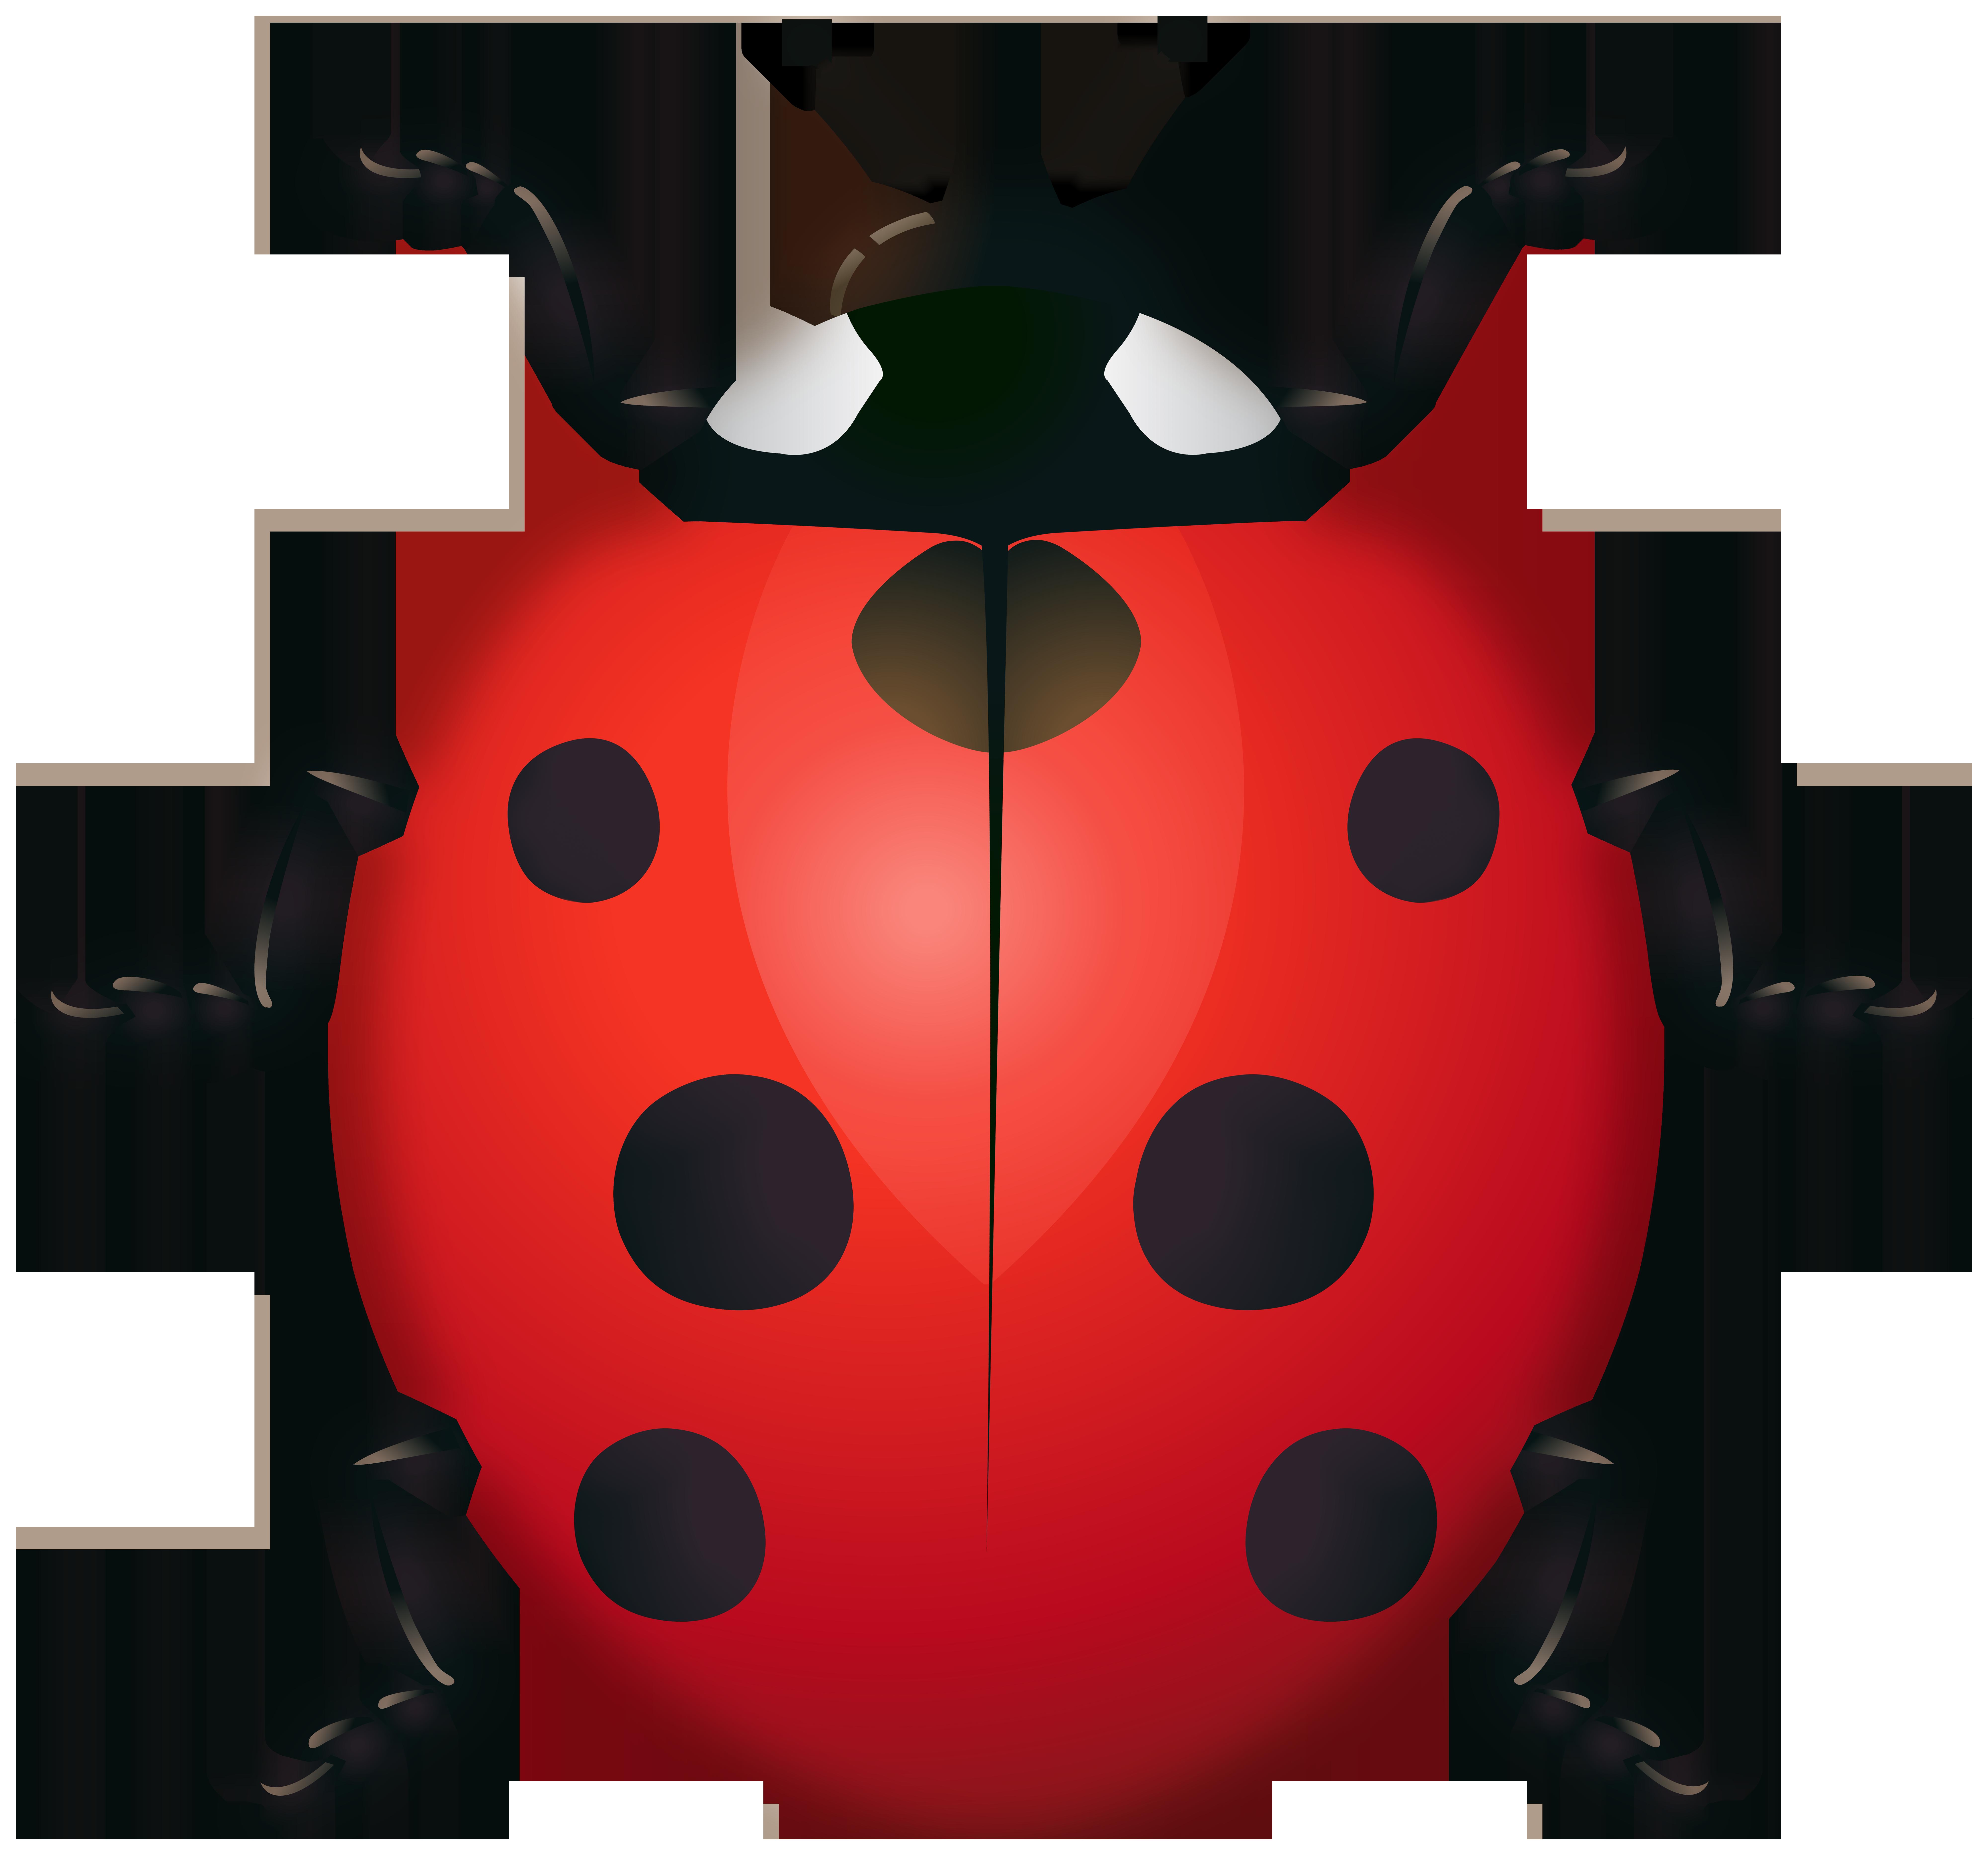 Ladybug Clipart Image.